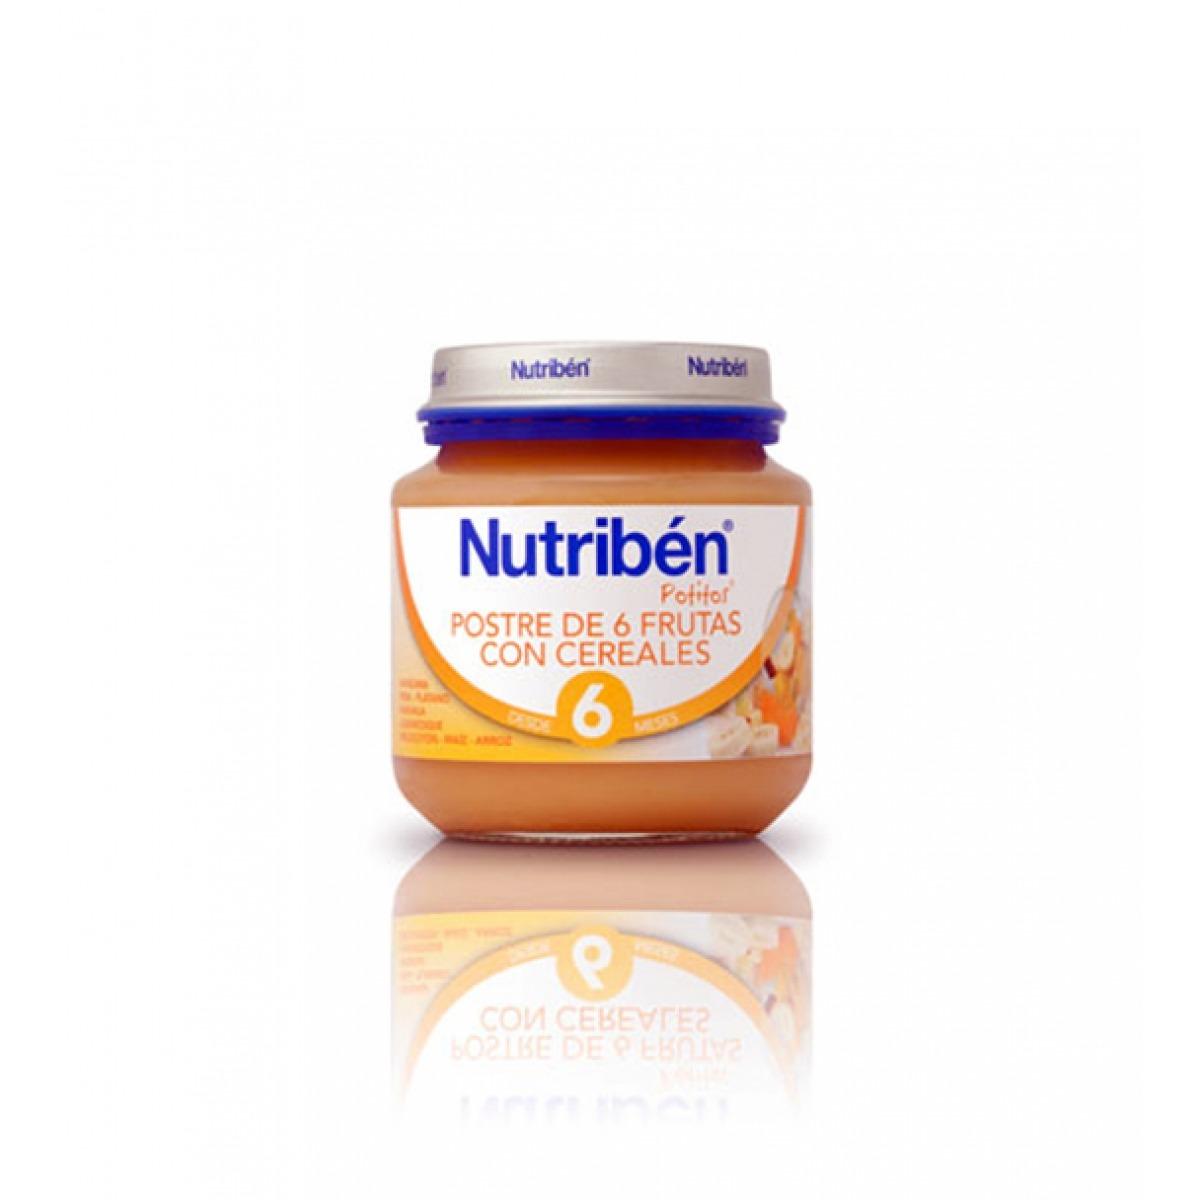 NUTRIBEN POSTRE DE 6 FRUTAS CON CEREALES 130 G.